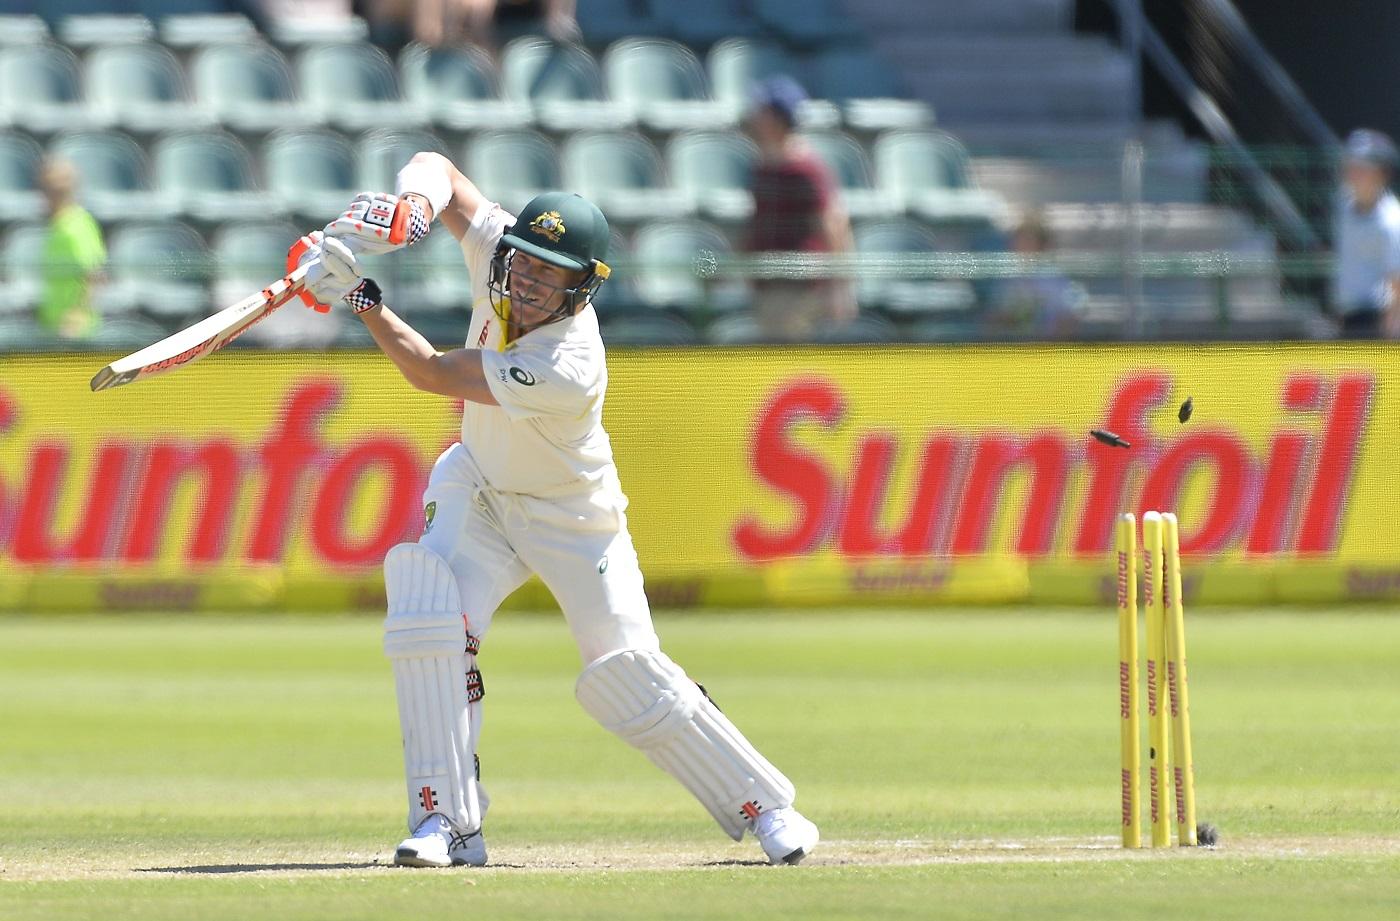 Against Warner in Port Elizabeth: